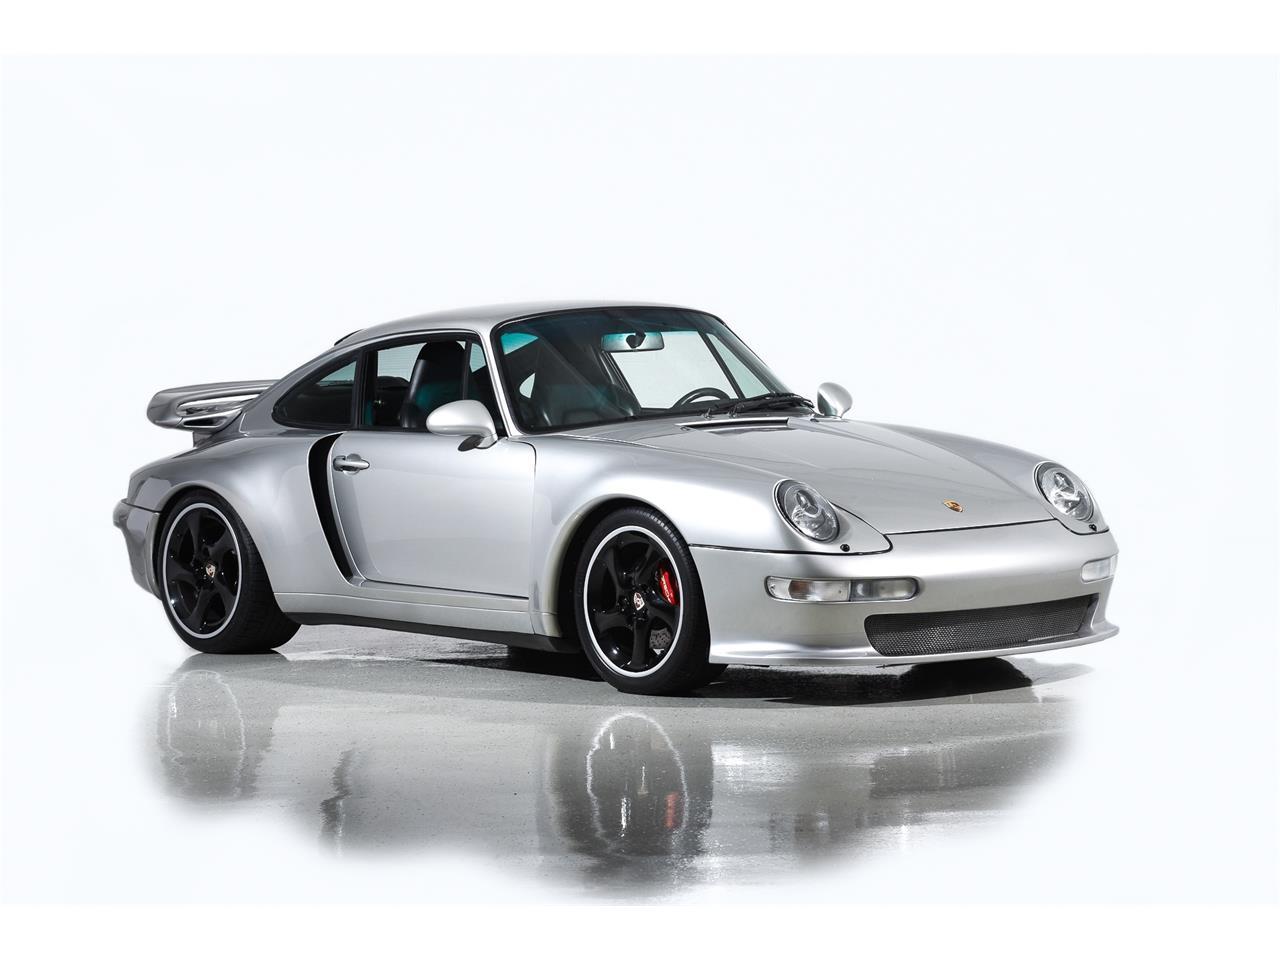 1996 Porsche 911 Turbo (CC-1041562) for sale in Farmingdale, New York